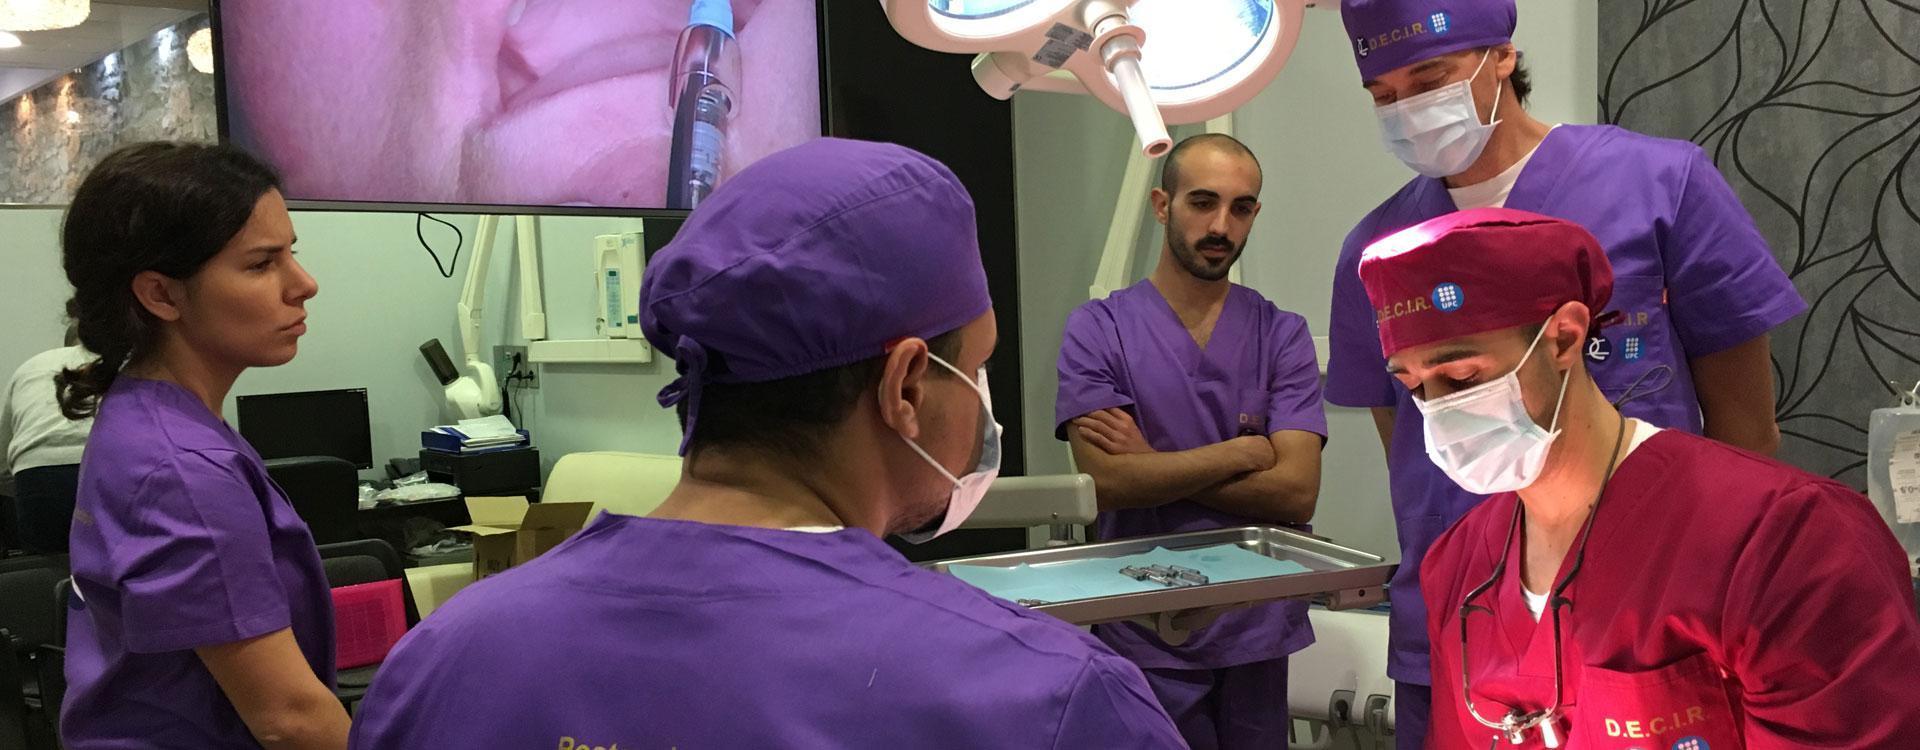 Especialista Universitario en Implantología Clínica, Periodoncia Quirúrgica y Regeneración 'D.E.C.I.R.'